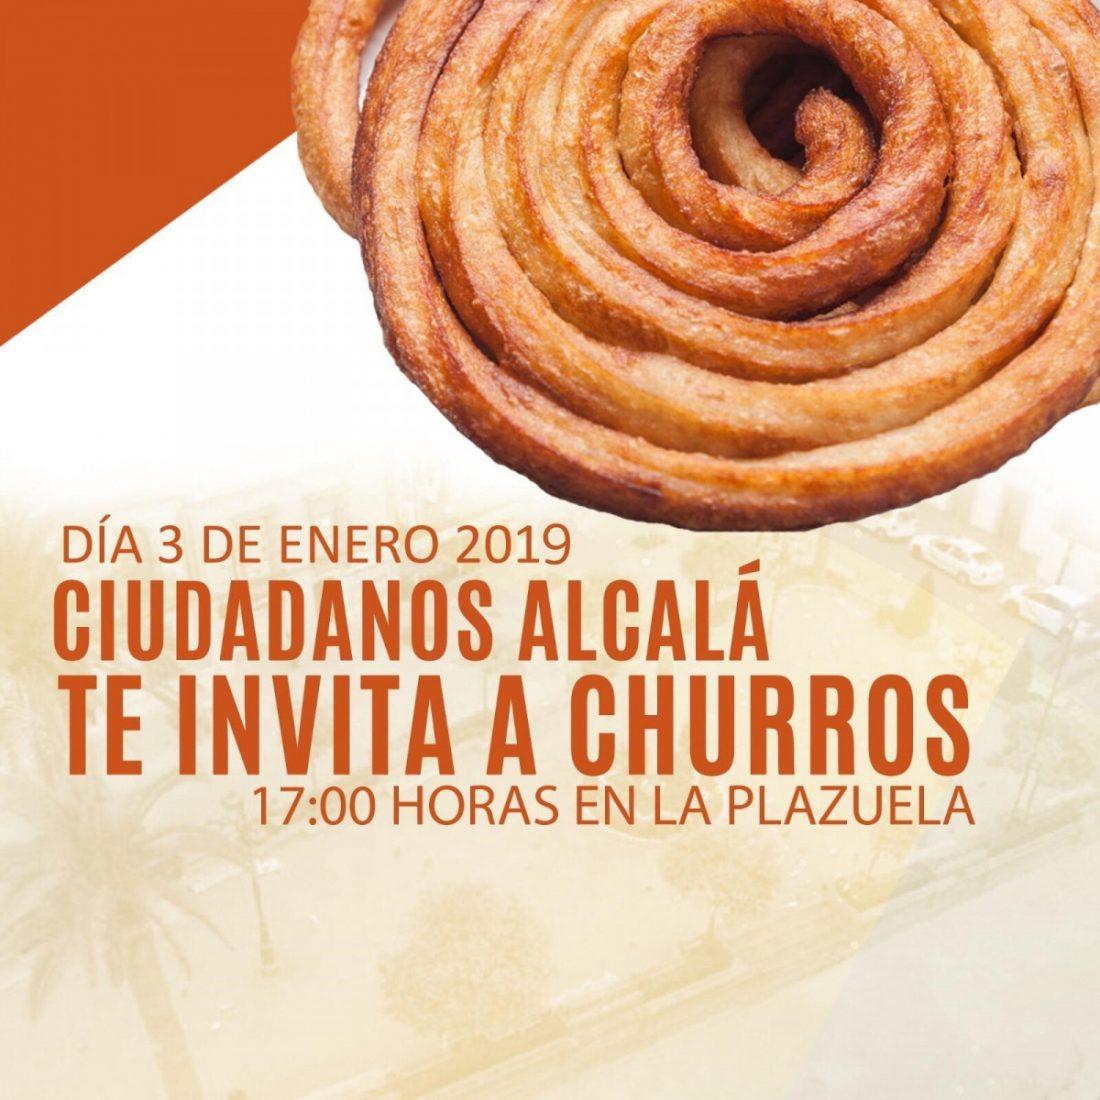 AionSur ChurrosAlcala Churros gratis en Alcalá de Guadaíra para fomentar las compras locales Alcalá de Guadaíra Sin categoría Sociedad